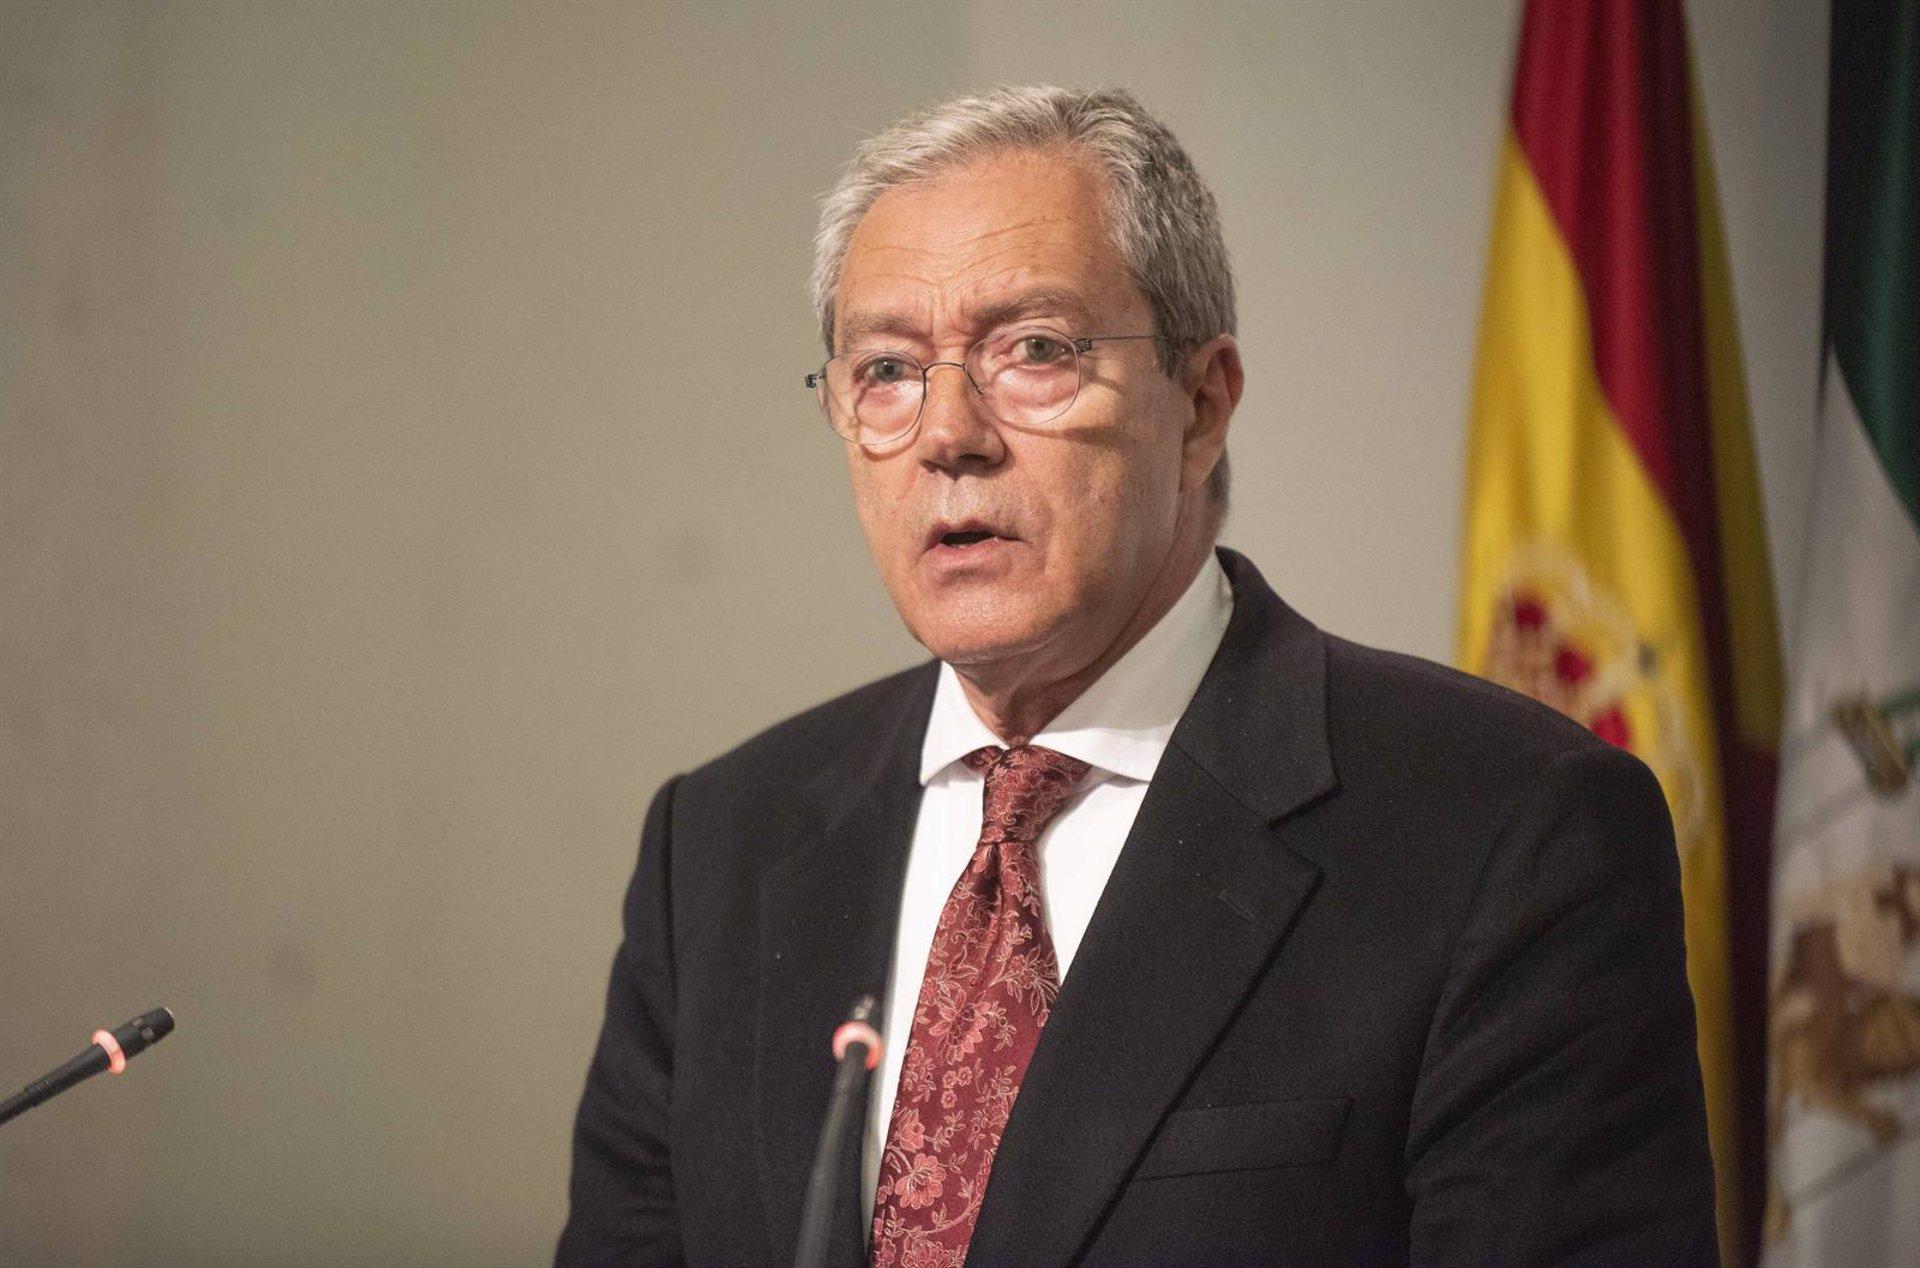 La Junta recalca que Minas de Alquife dispone de todos los permisos necesarios para la actividad extractiva